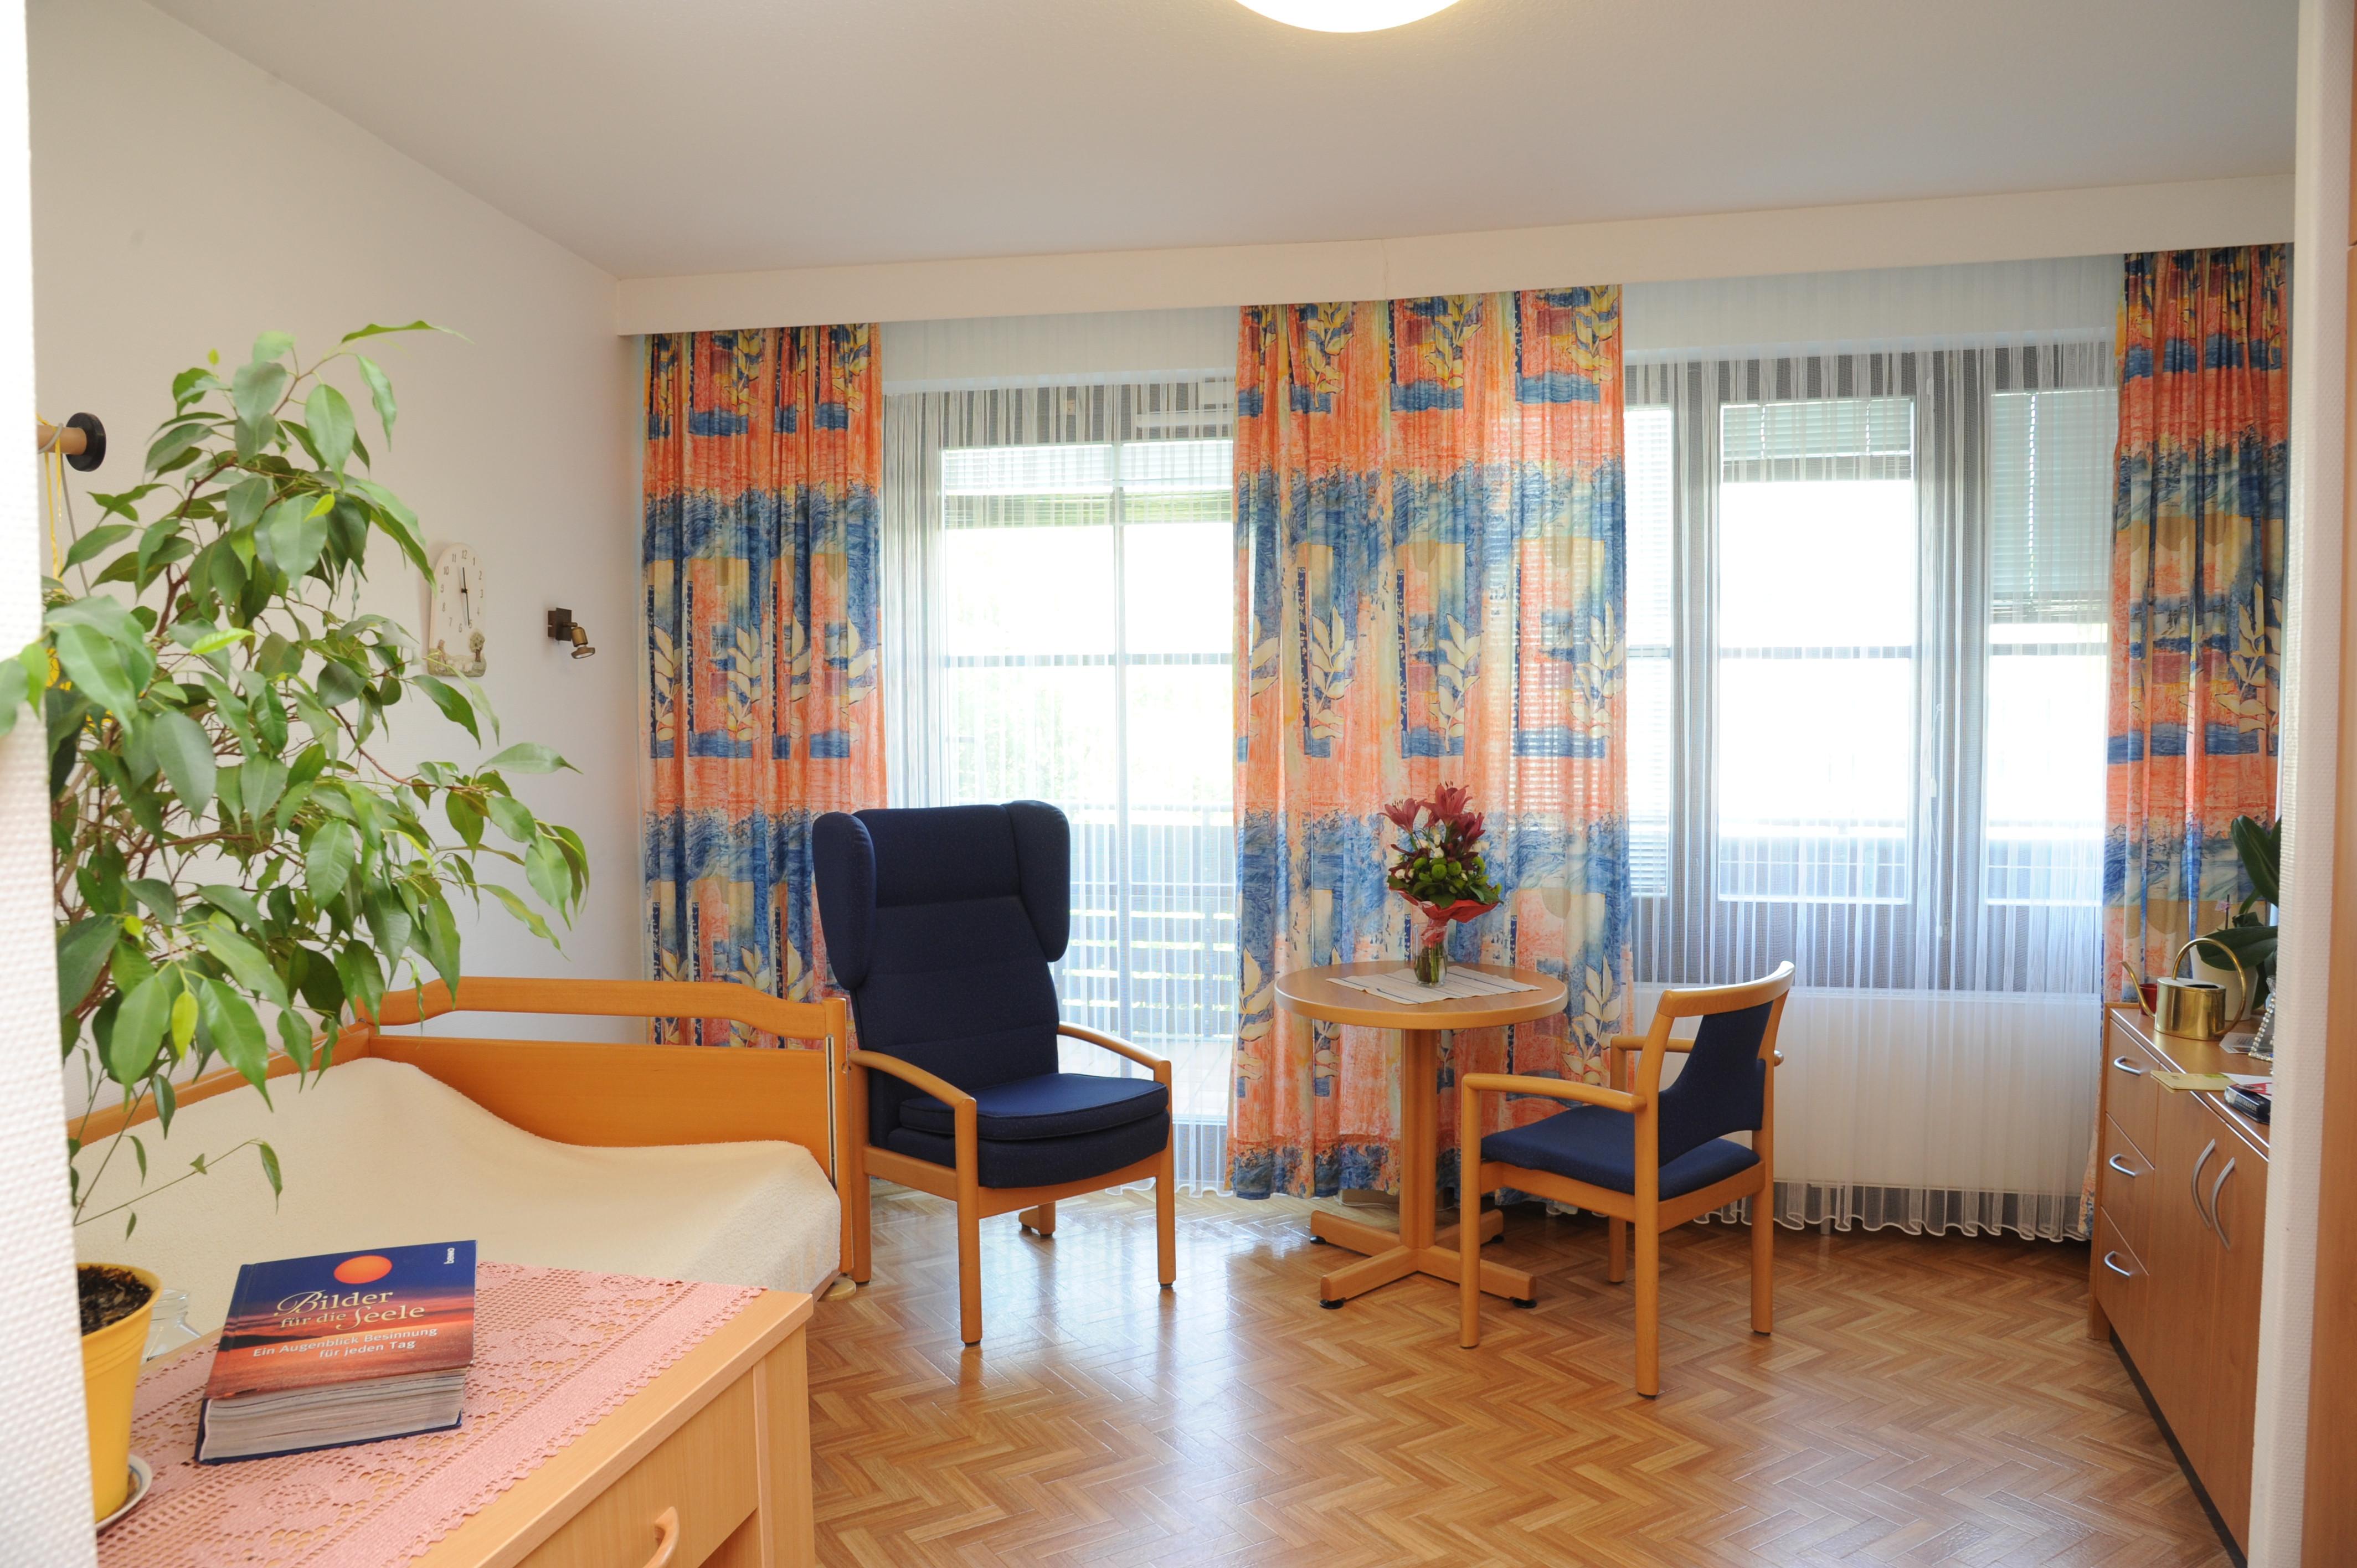 regiomed seniorenzentrum am eckardtsberg in coburg auf wohnen im. Black Bedroom Furniture Sets. Home Design Ideas